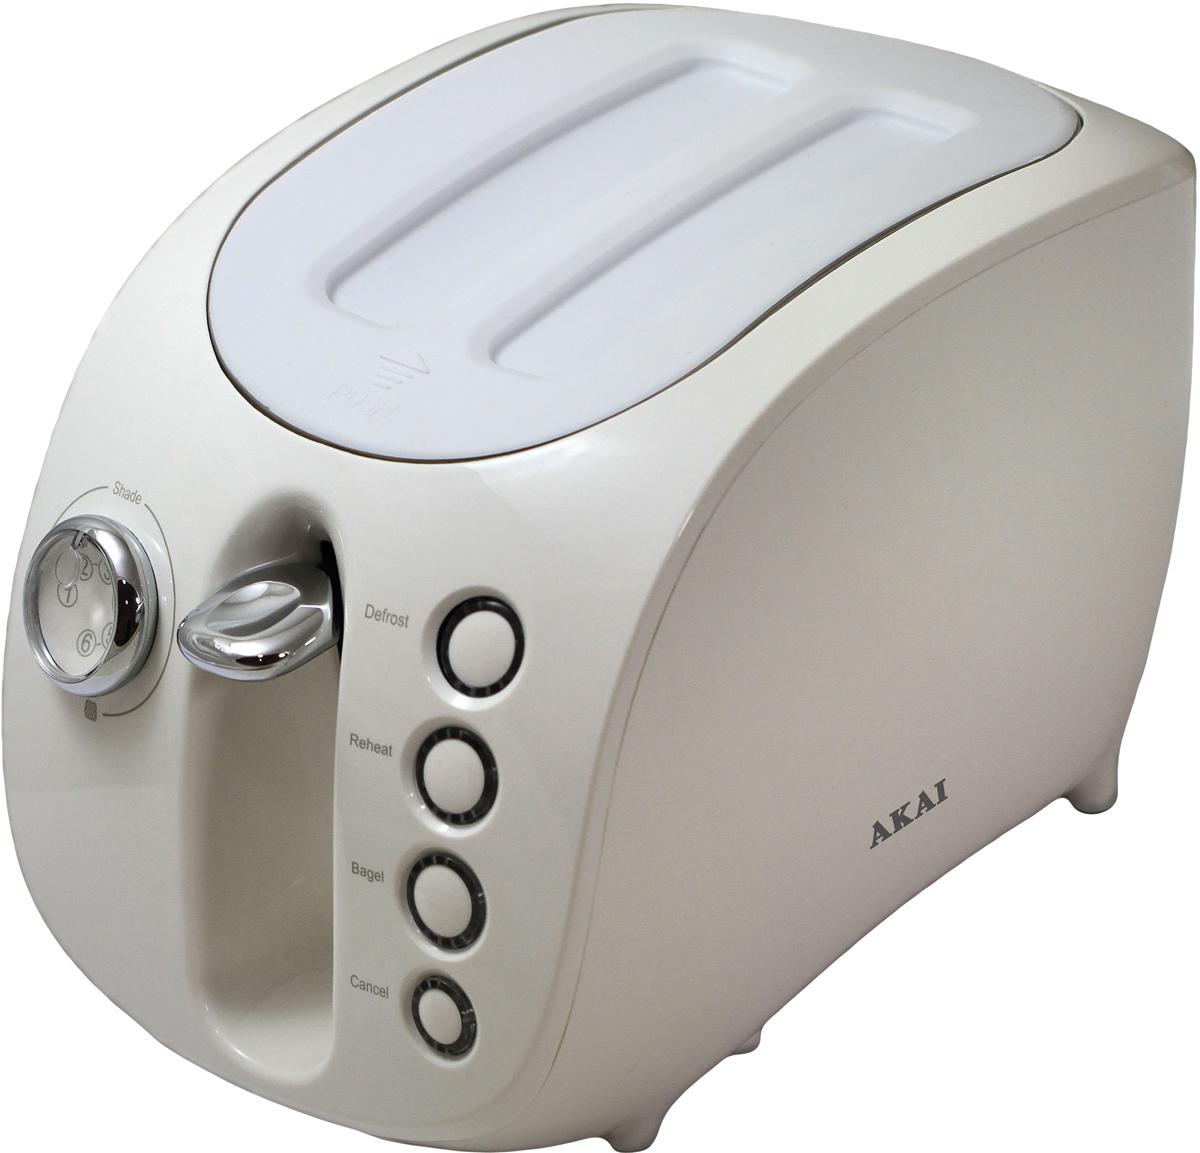 Akai ТР-1110 W, White тостер akai pro ewm1